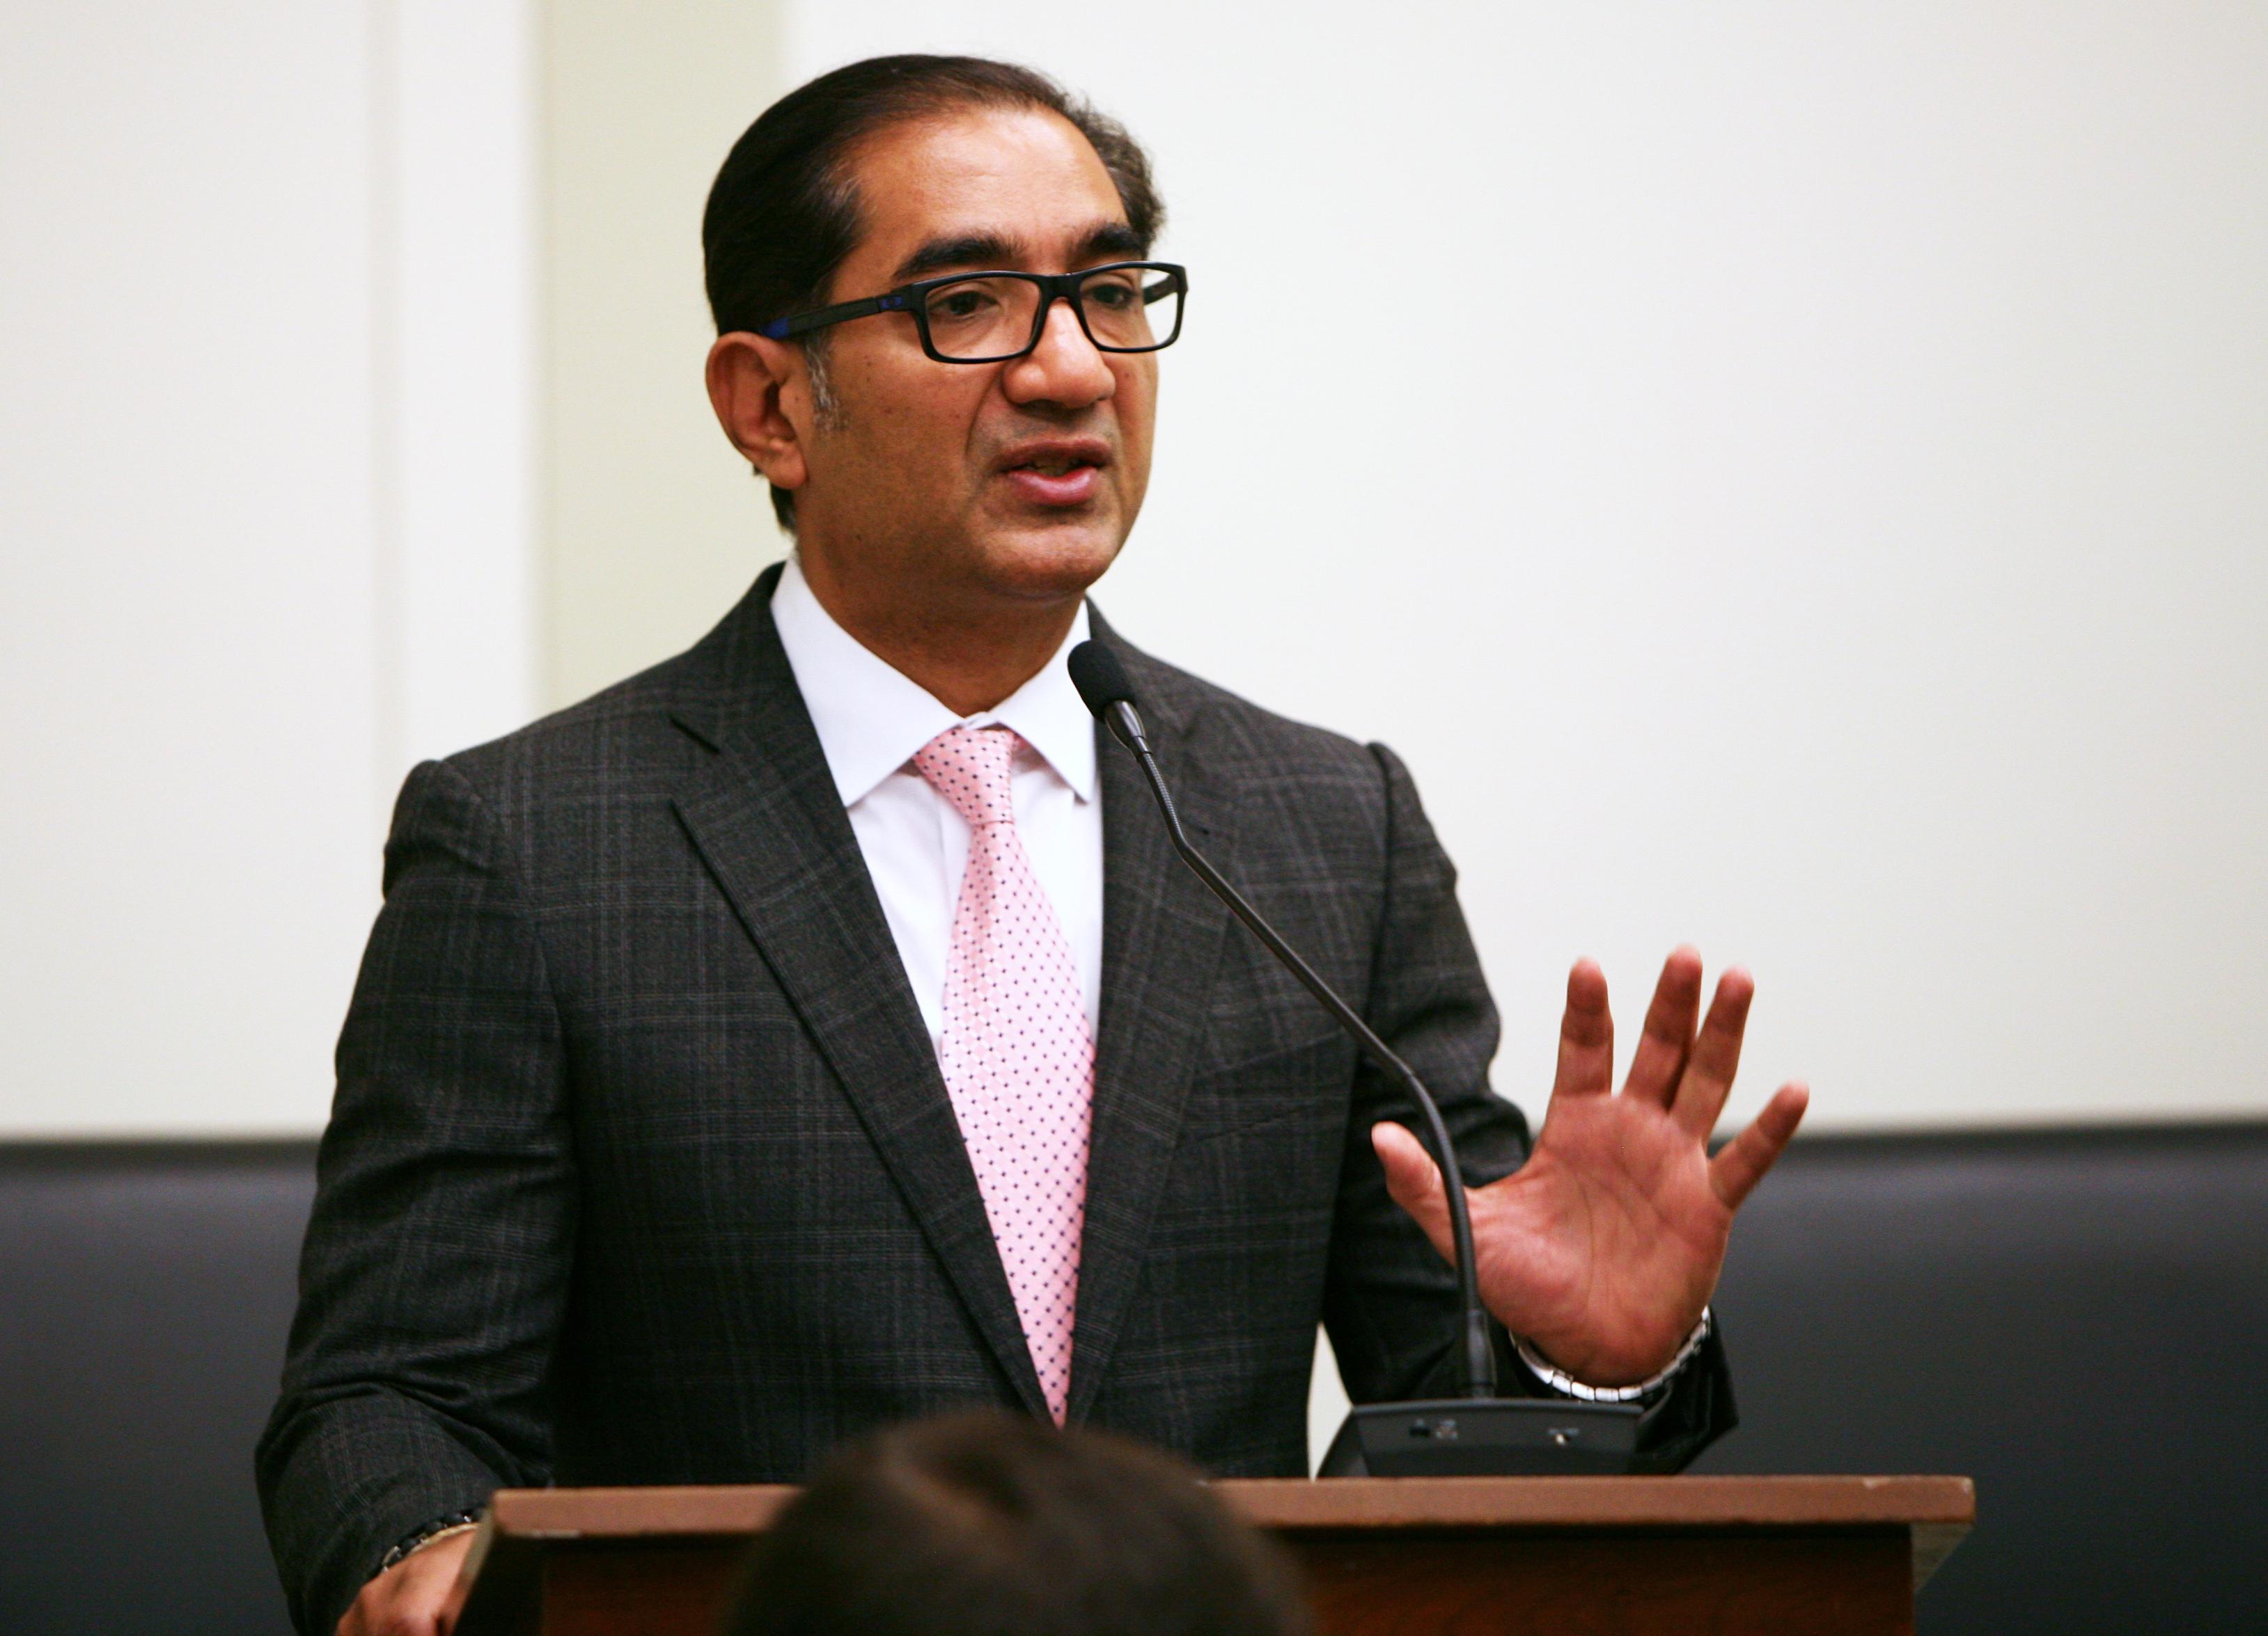 Chairman Sanjay Puri